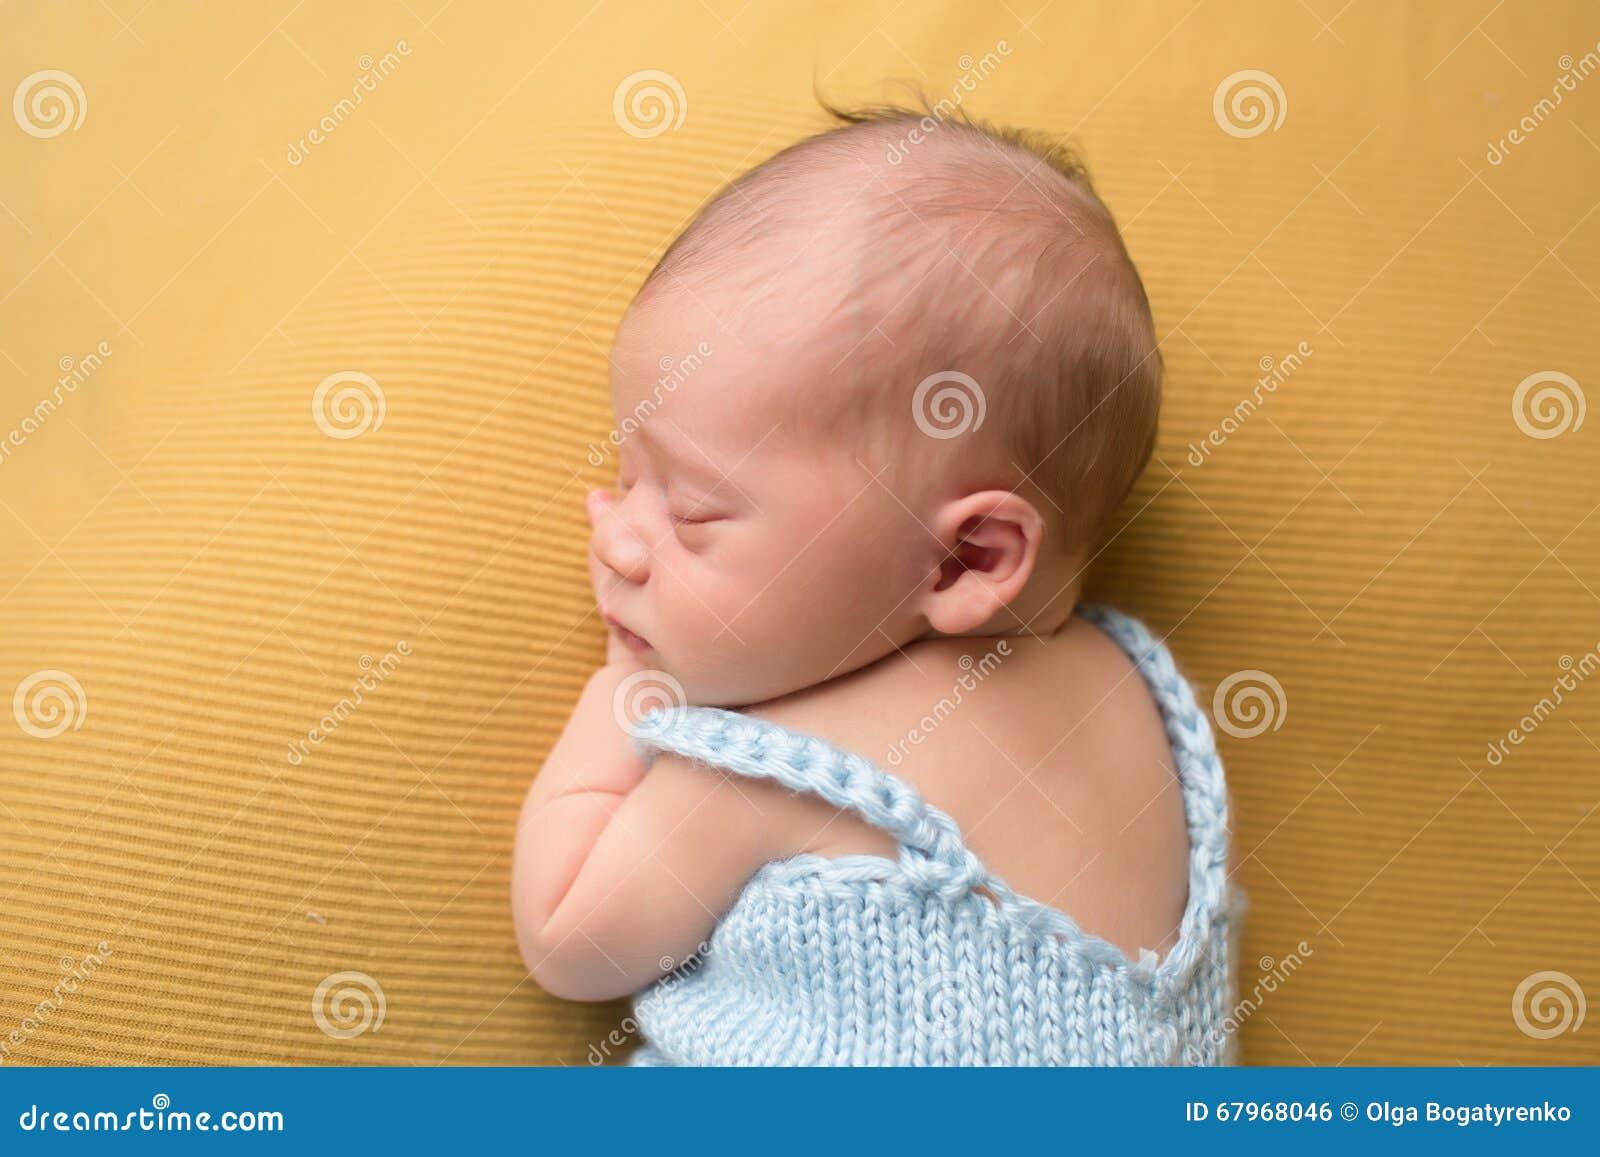 Bébé nouveau-né dormant sur la couverture